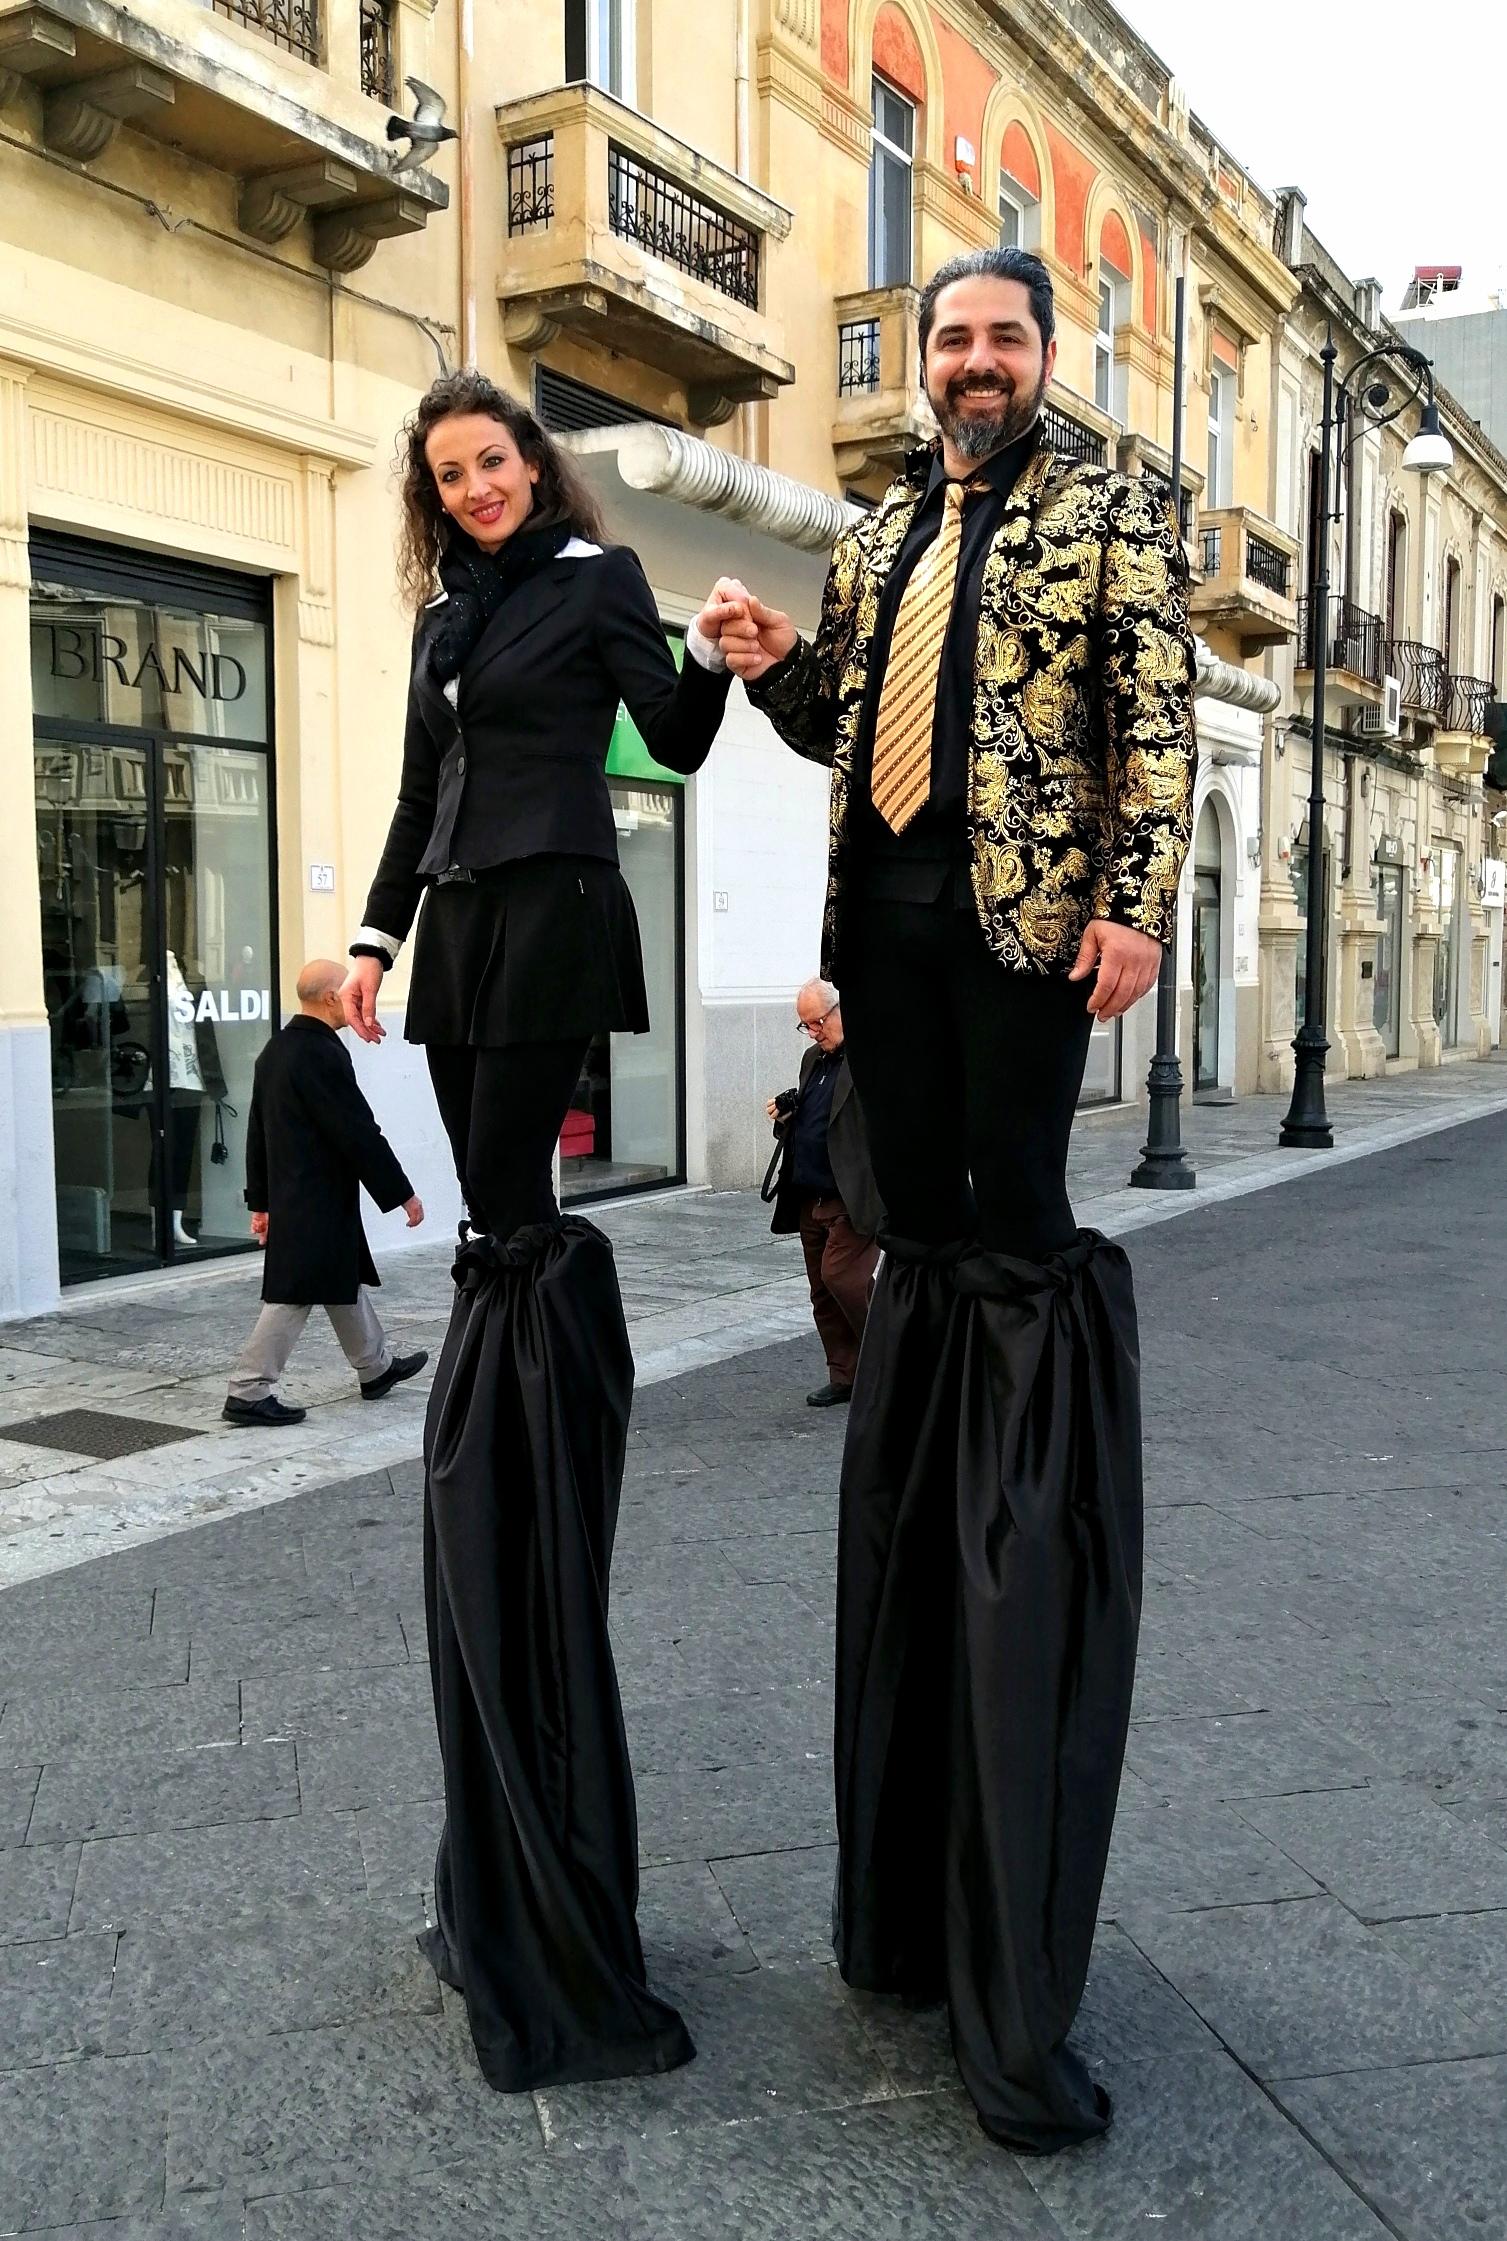 Love on stilts...